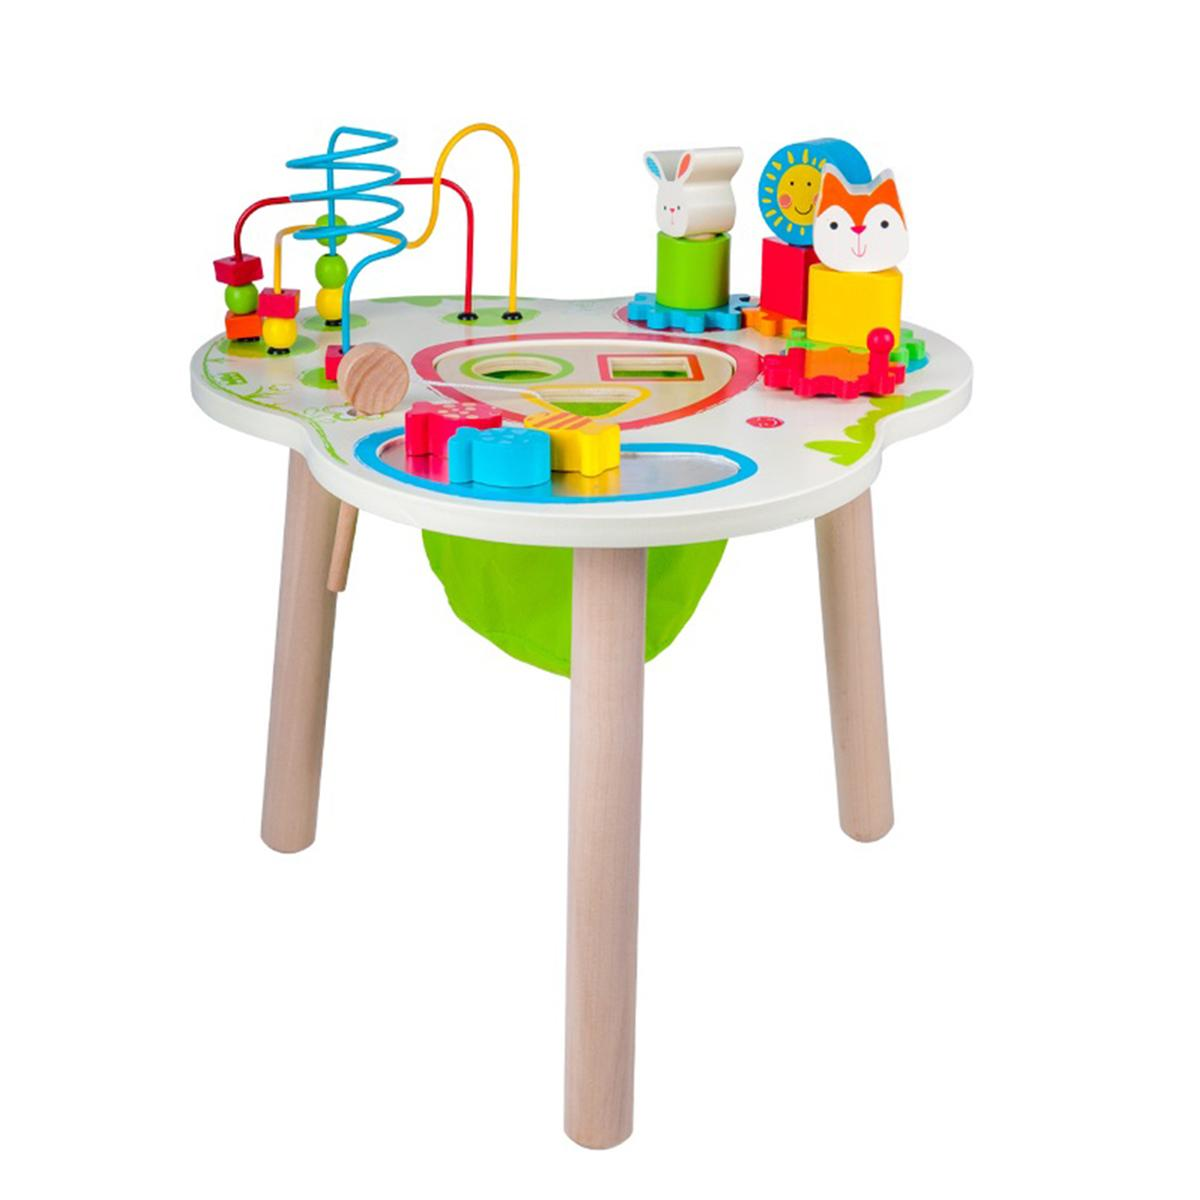 Mesa De Madeira Multifunções Imagination Discovery Loja De Brinquedos E Videojogos Online Toysrus